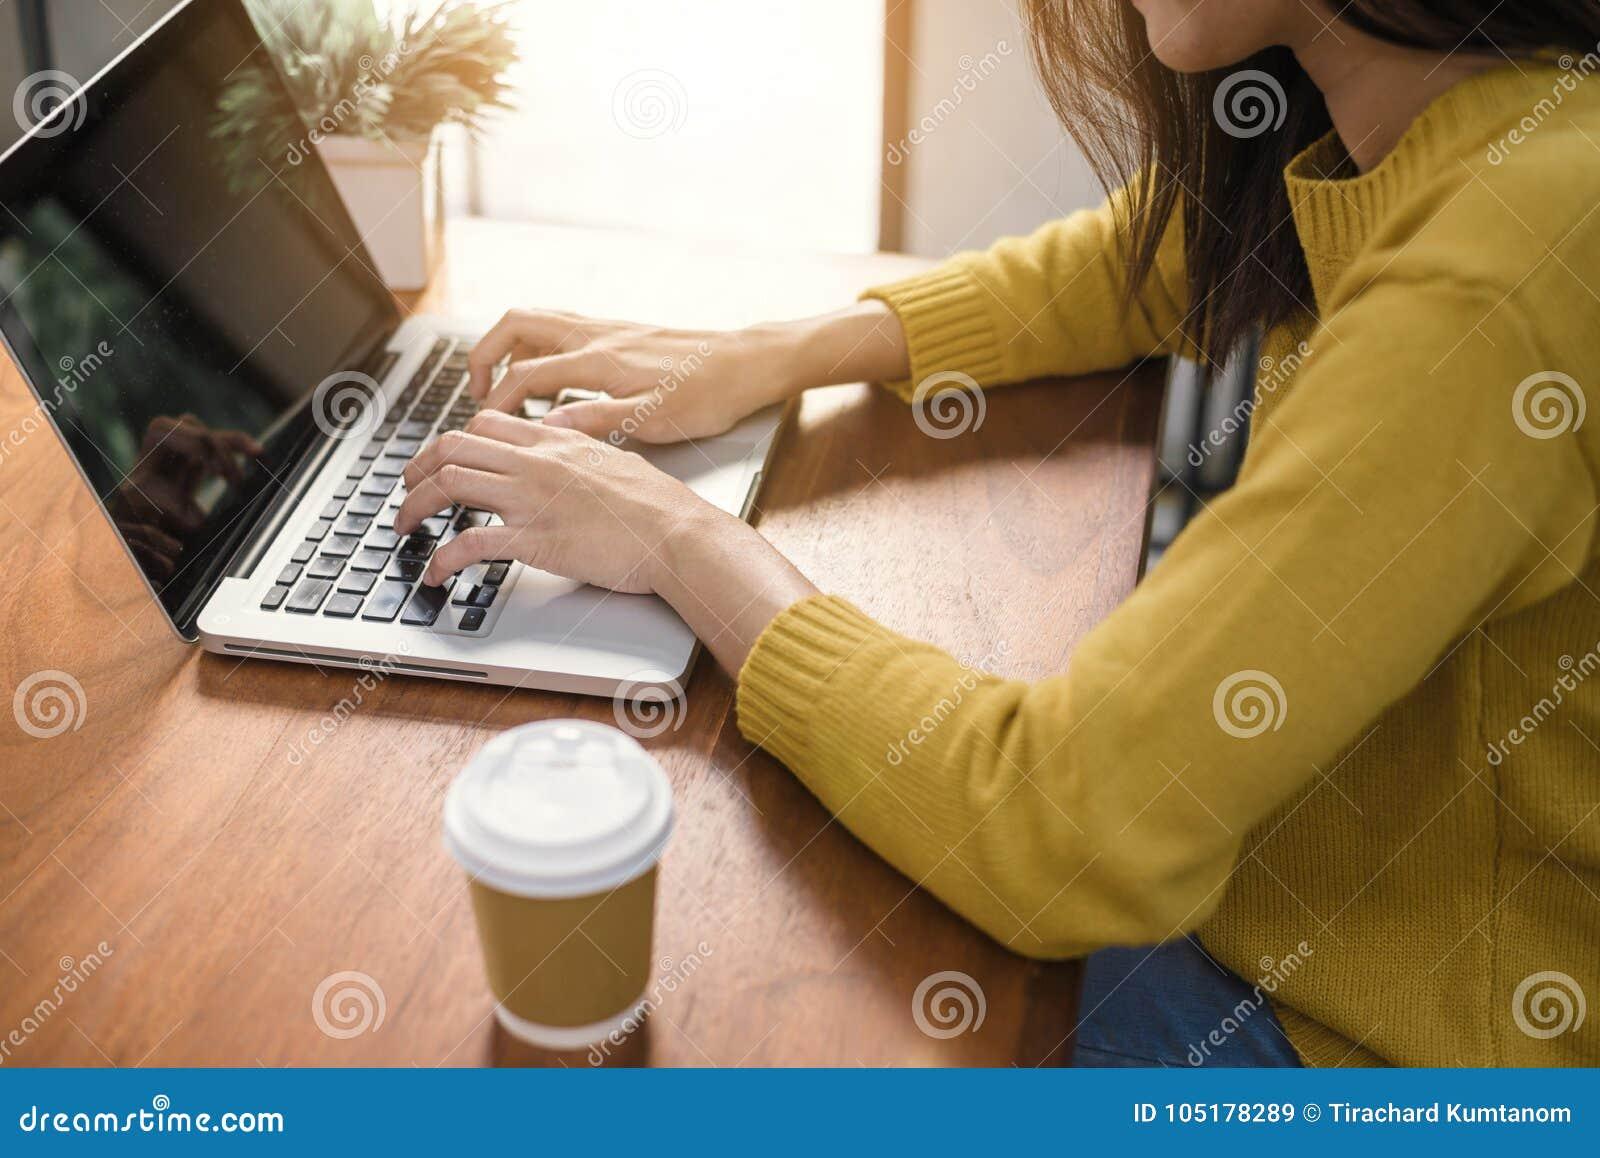 Digitale levensstijl die buiten bureau werken De vrouw overhandigt het typen laptop computer met het lege scherm op lijst in koff